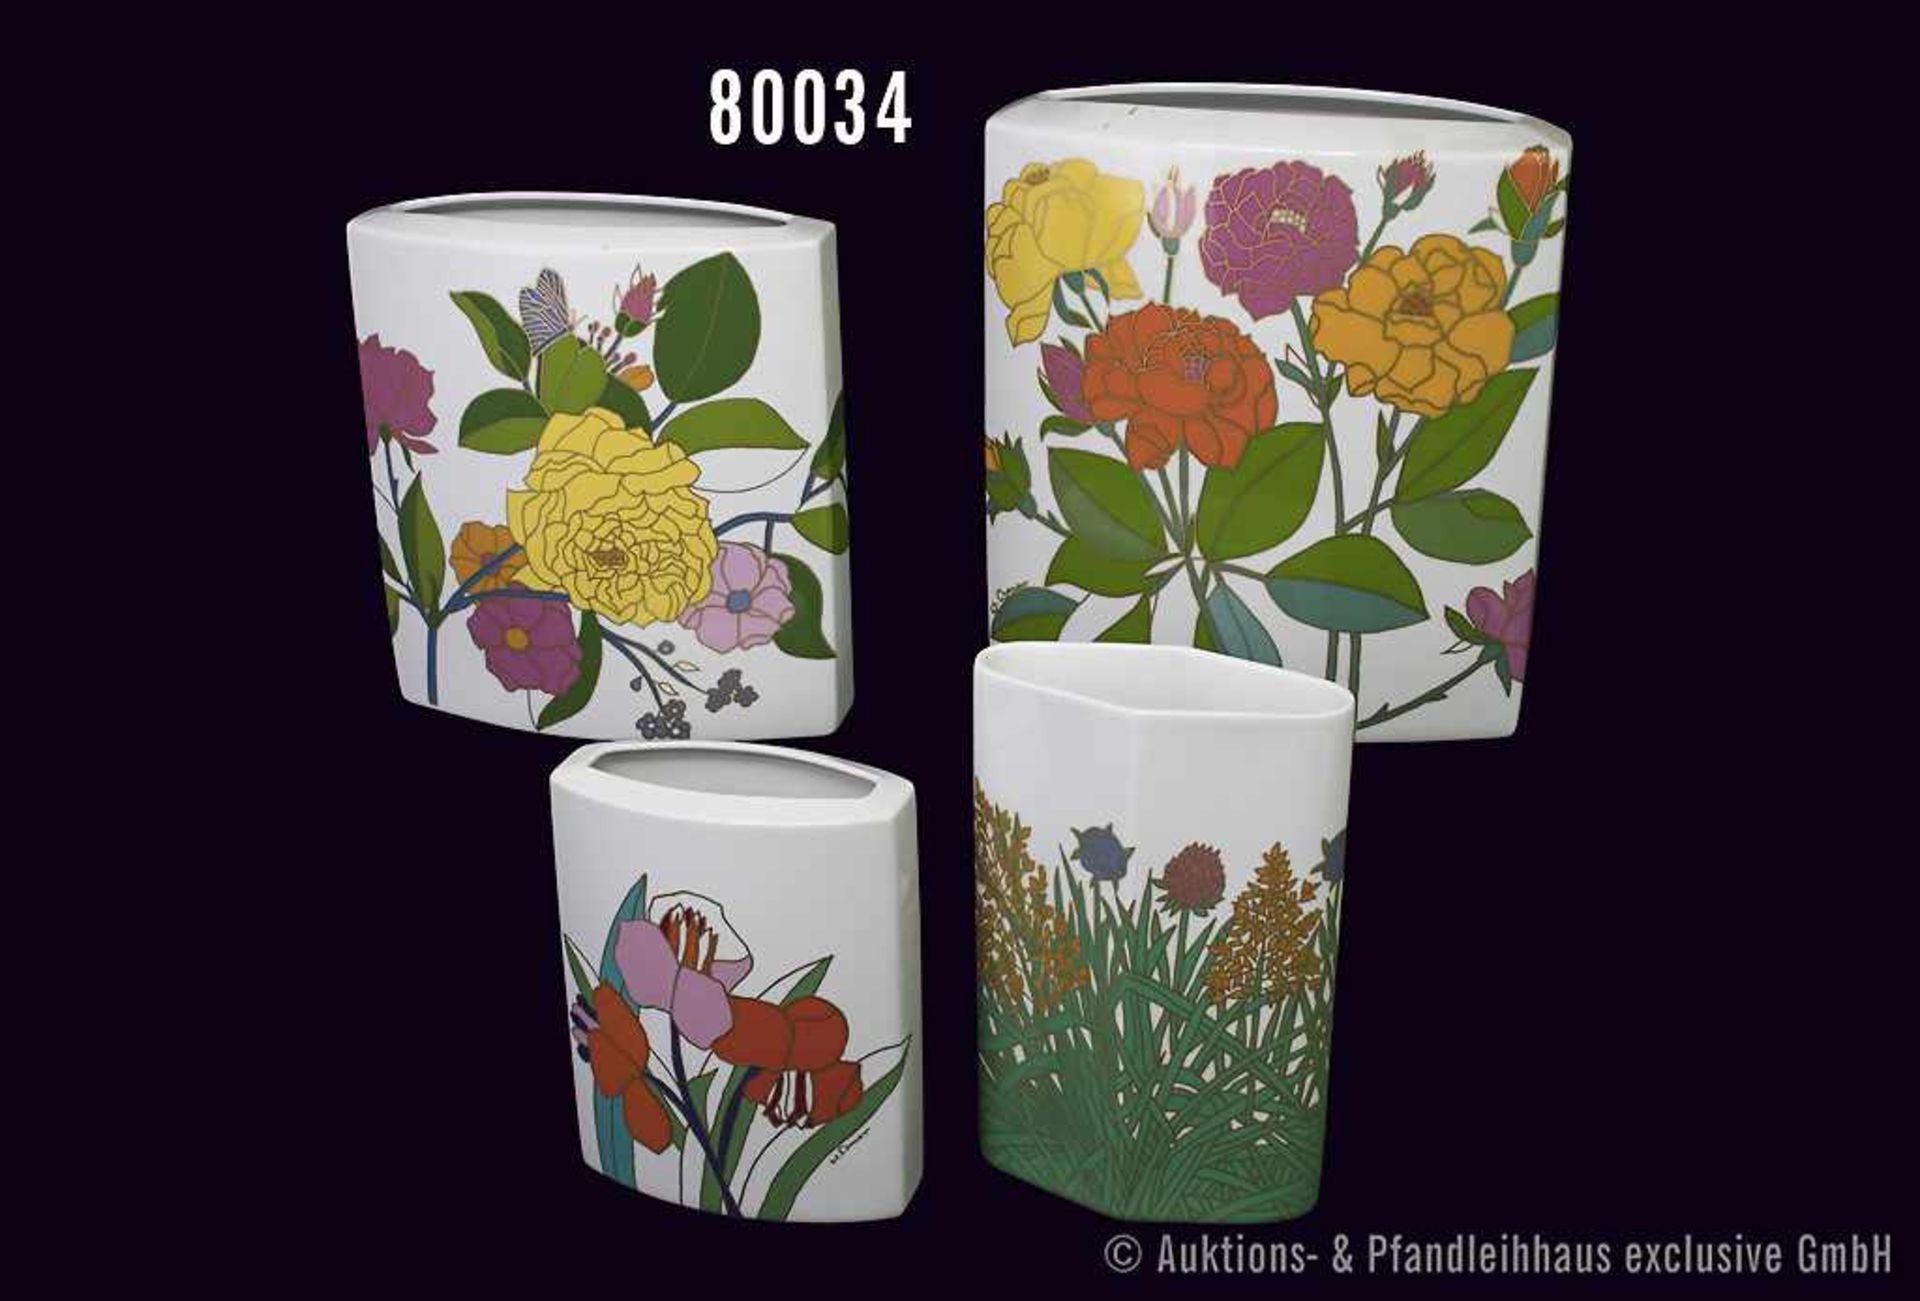 Konv. 4 Rosenthal Porzellan Vasen, studio-linie, versch. Blumendekore, Nummer 3512/20, 2786/20,